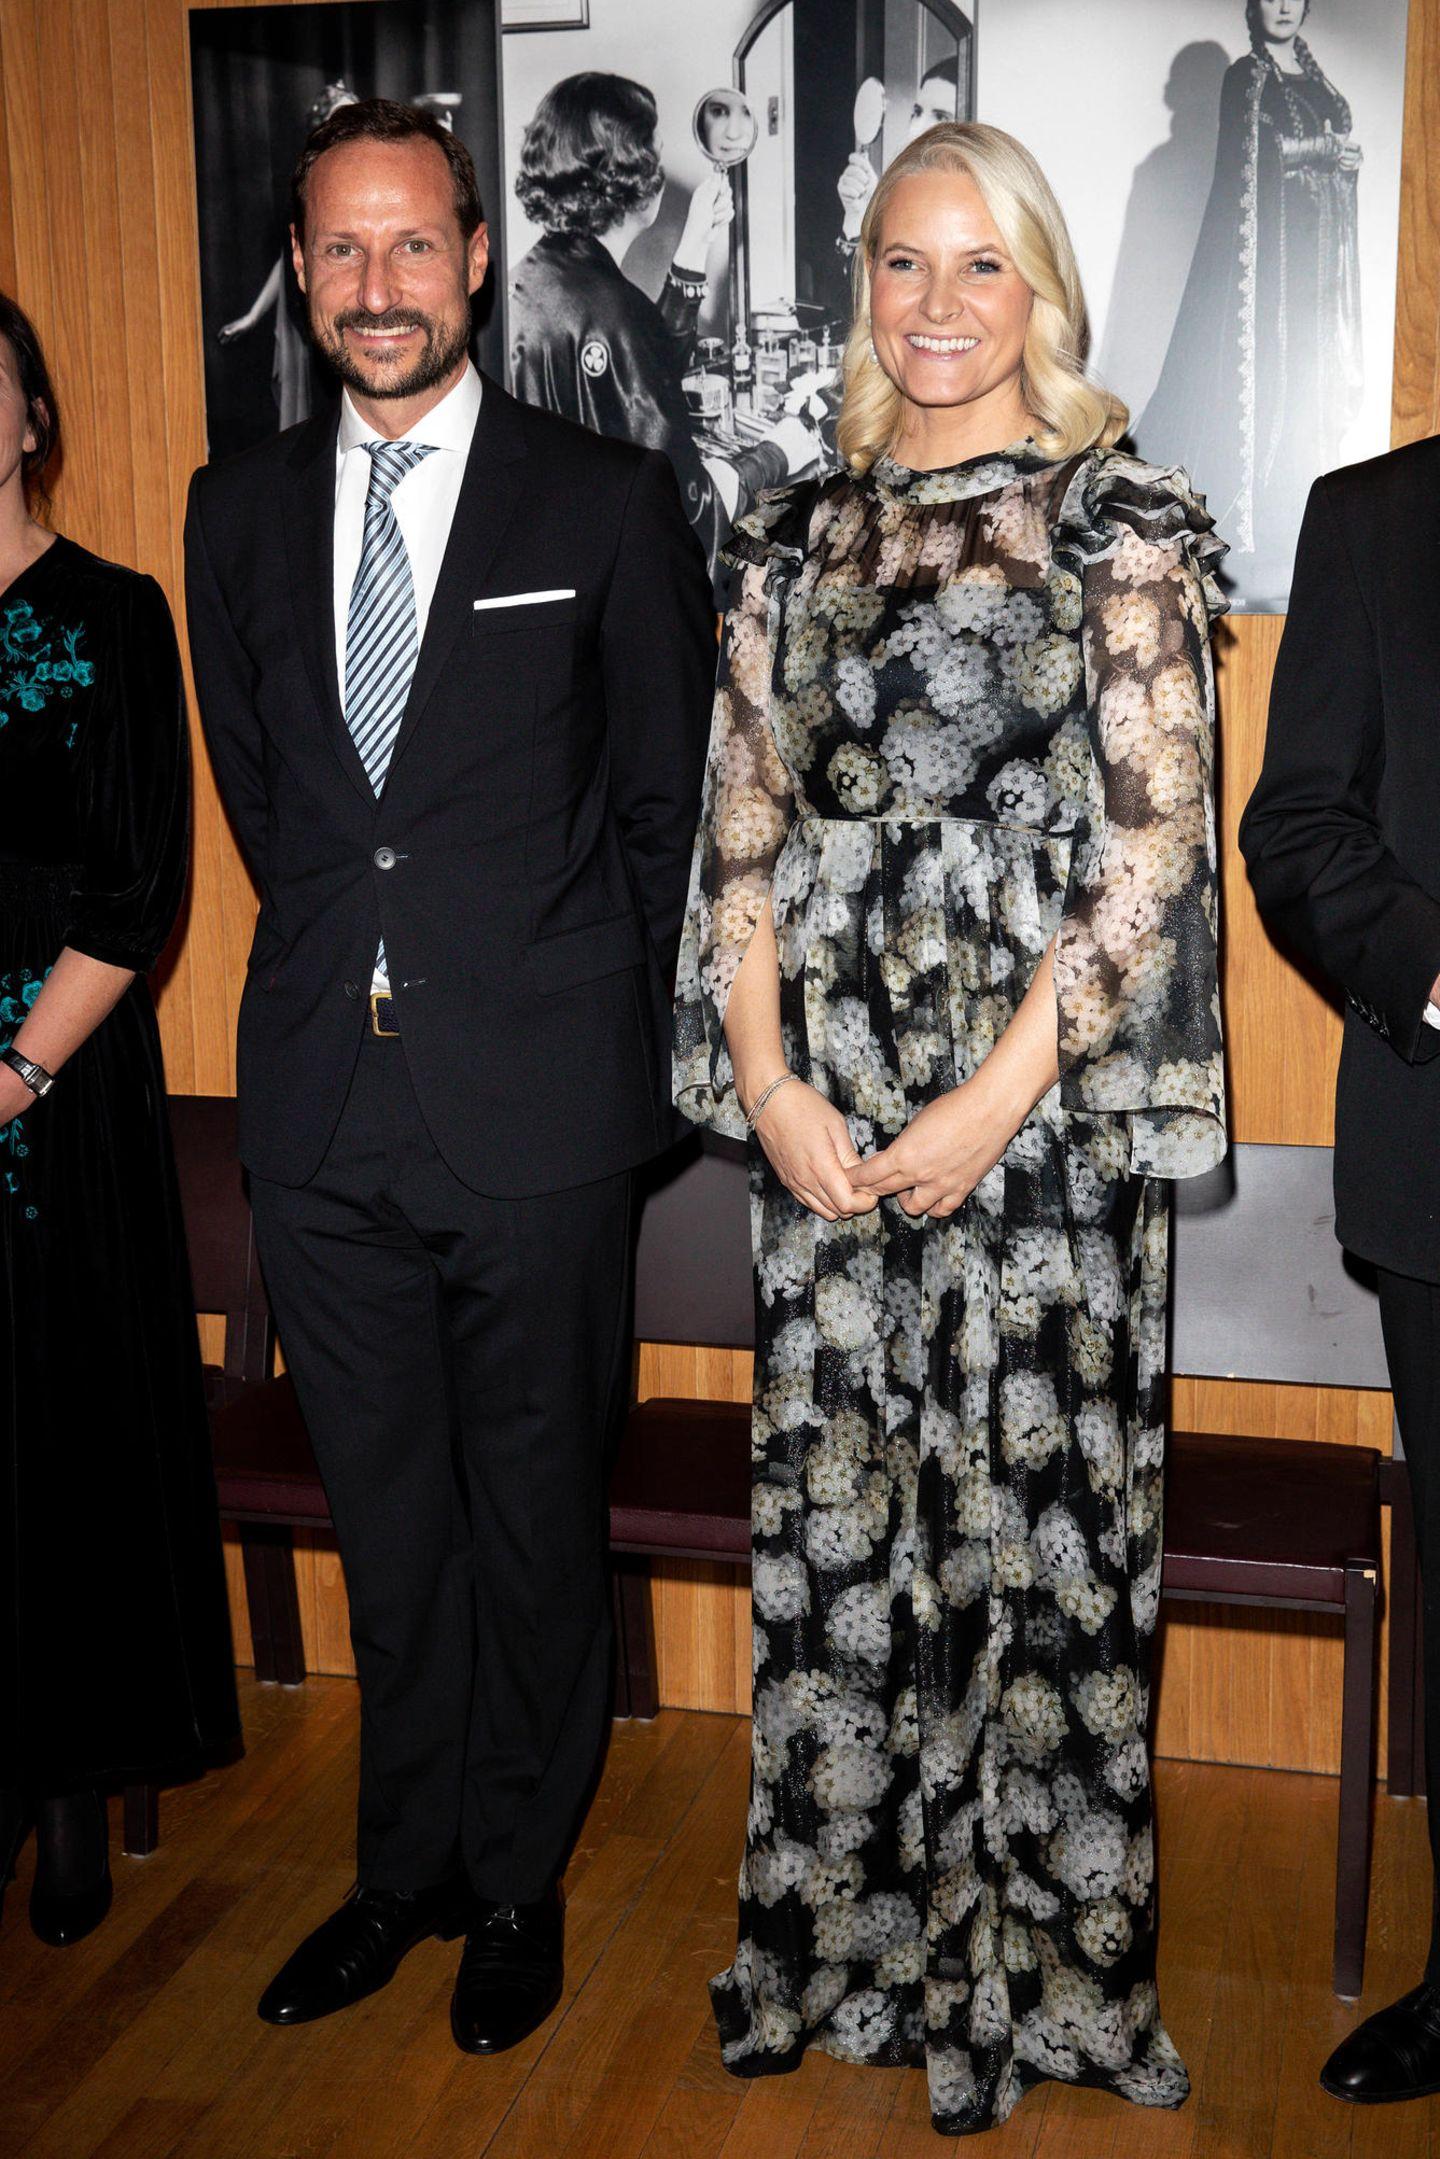 Sie kann wieder strahlen! Zur Verleihung des Literaturpreises des Nordischen Rates in Björvika zeigt sich Kronprinzessin Mette-Marit, gemeinsam mit ihrem Mann, Kronprinz Haakon, mit einem strahlenden Lächeln. Nach vielen gesundheitlichen Problemen und der Diagnose Lungenfibrose scheint sich Mette-Marit an diesem Abend wohlzufühlen. Was nicht zuletzt an ihrem traumhaften Kleid liegt ...